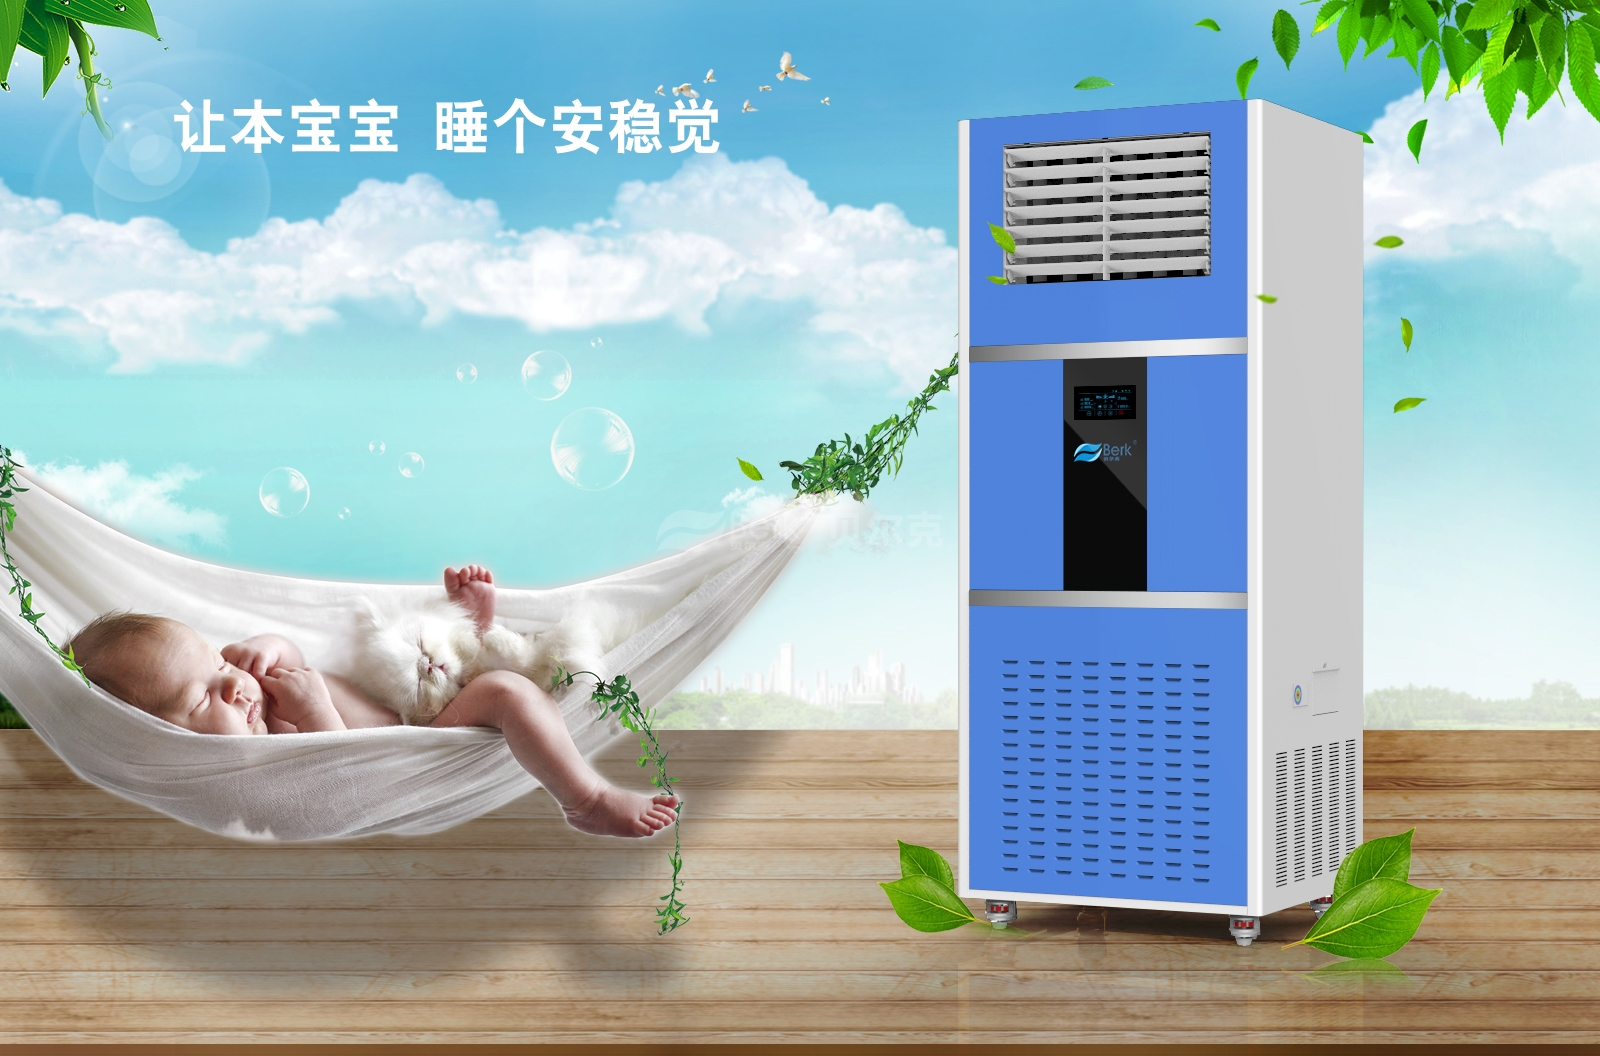 Purificador de ar doméstico sistema de esterilização Belk quarto escritório além de neblina além de formaldeído)